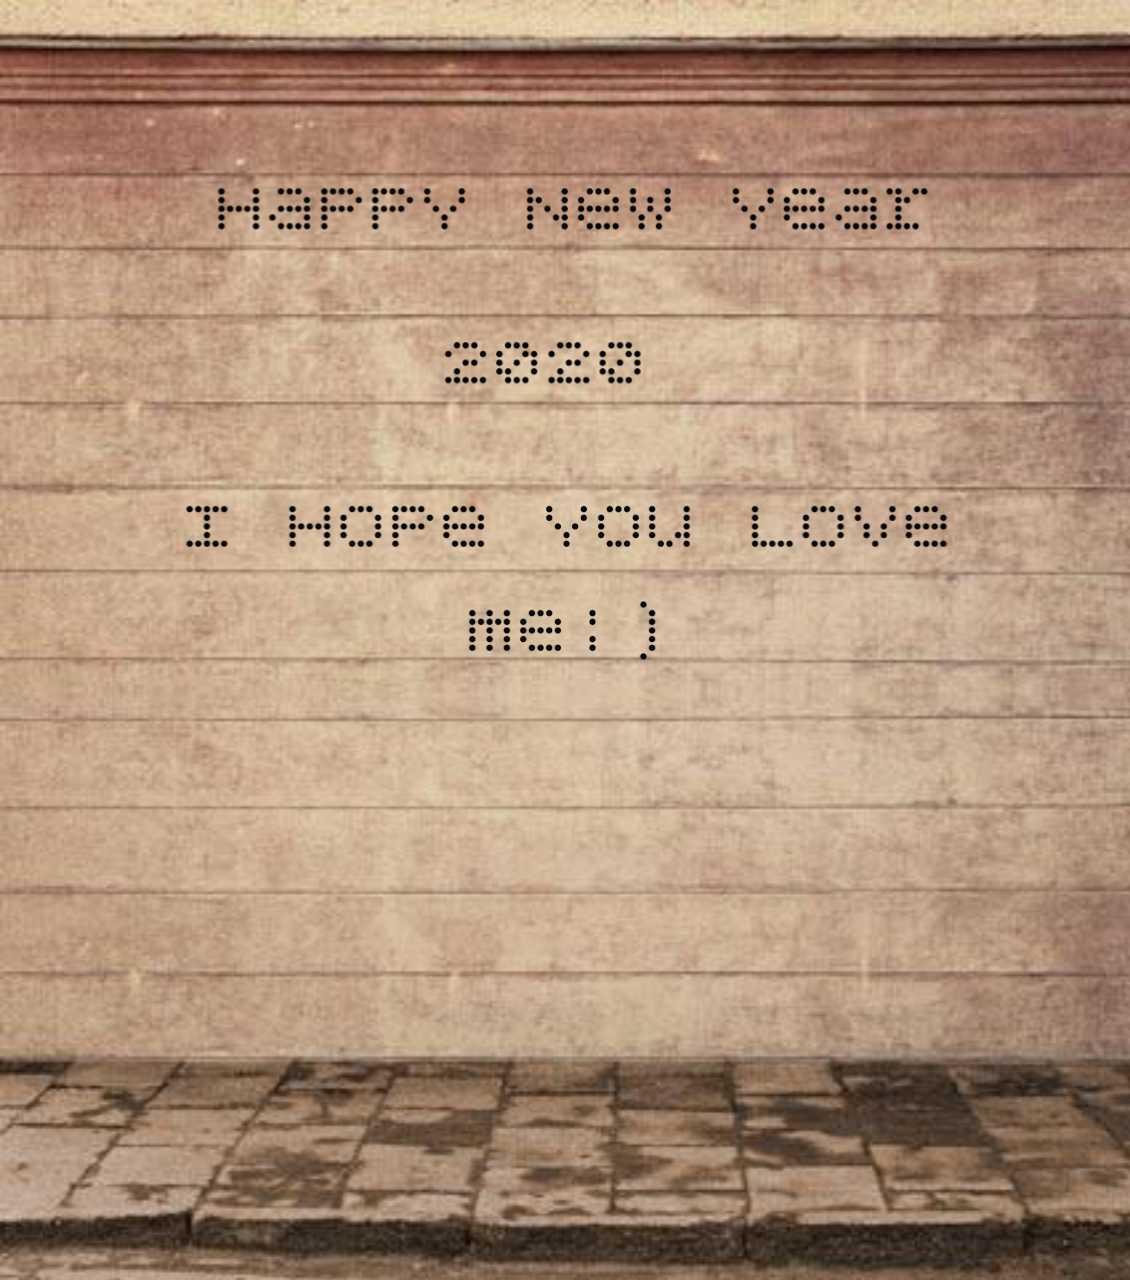 kata kata tahun baru 2020